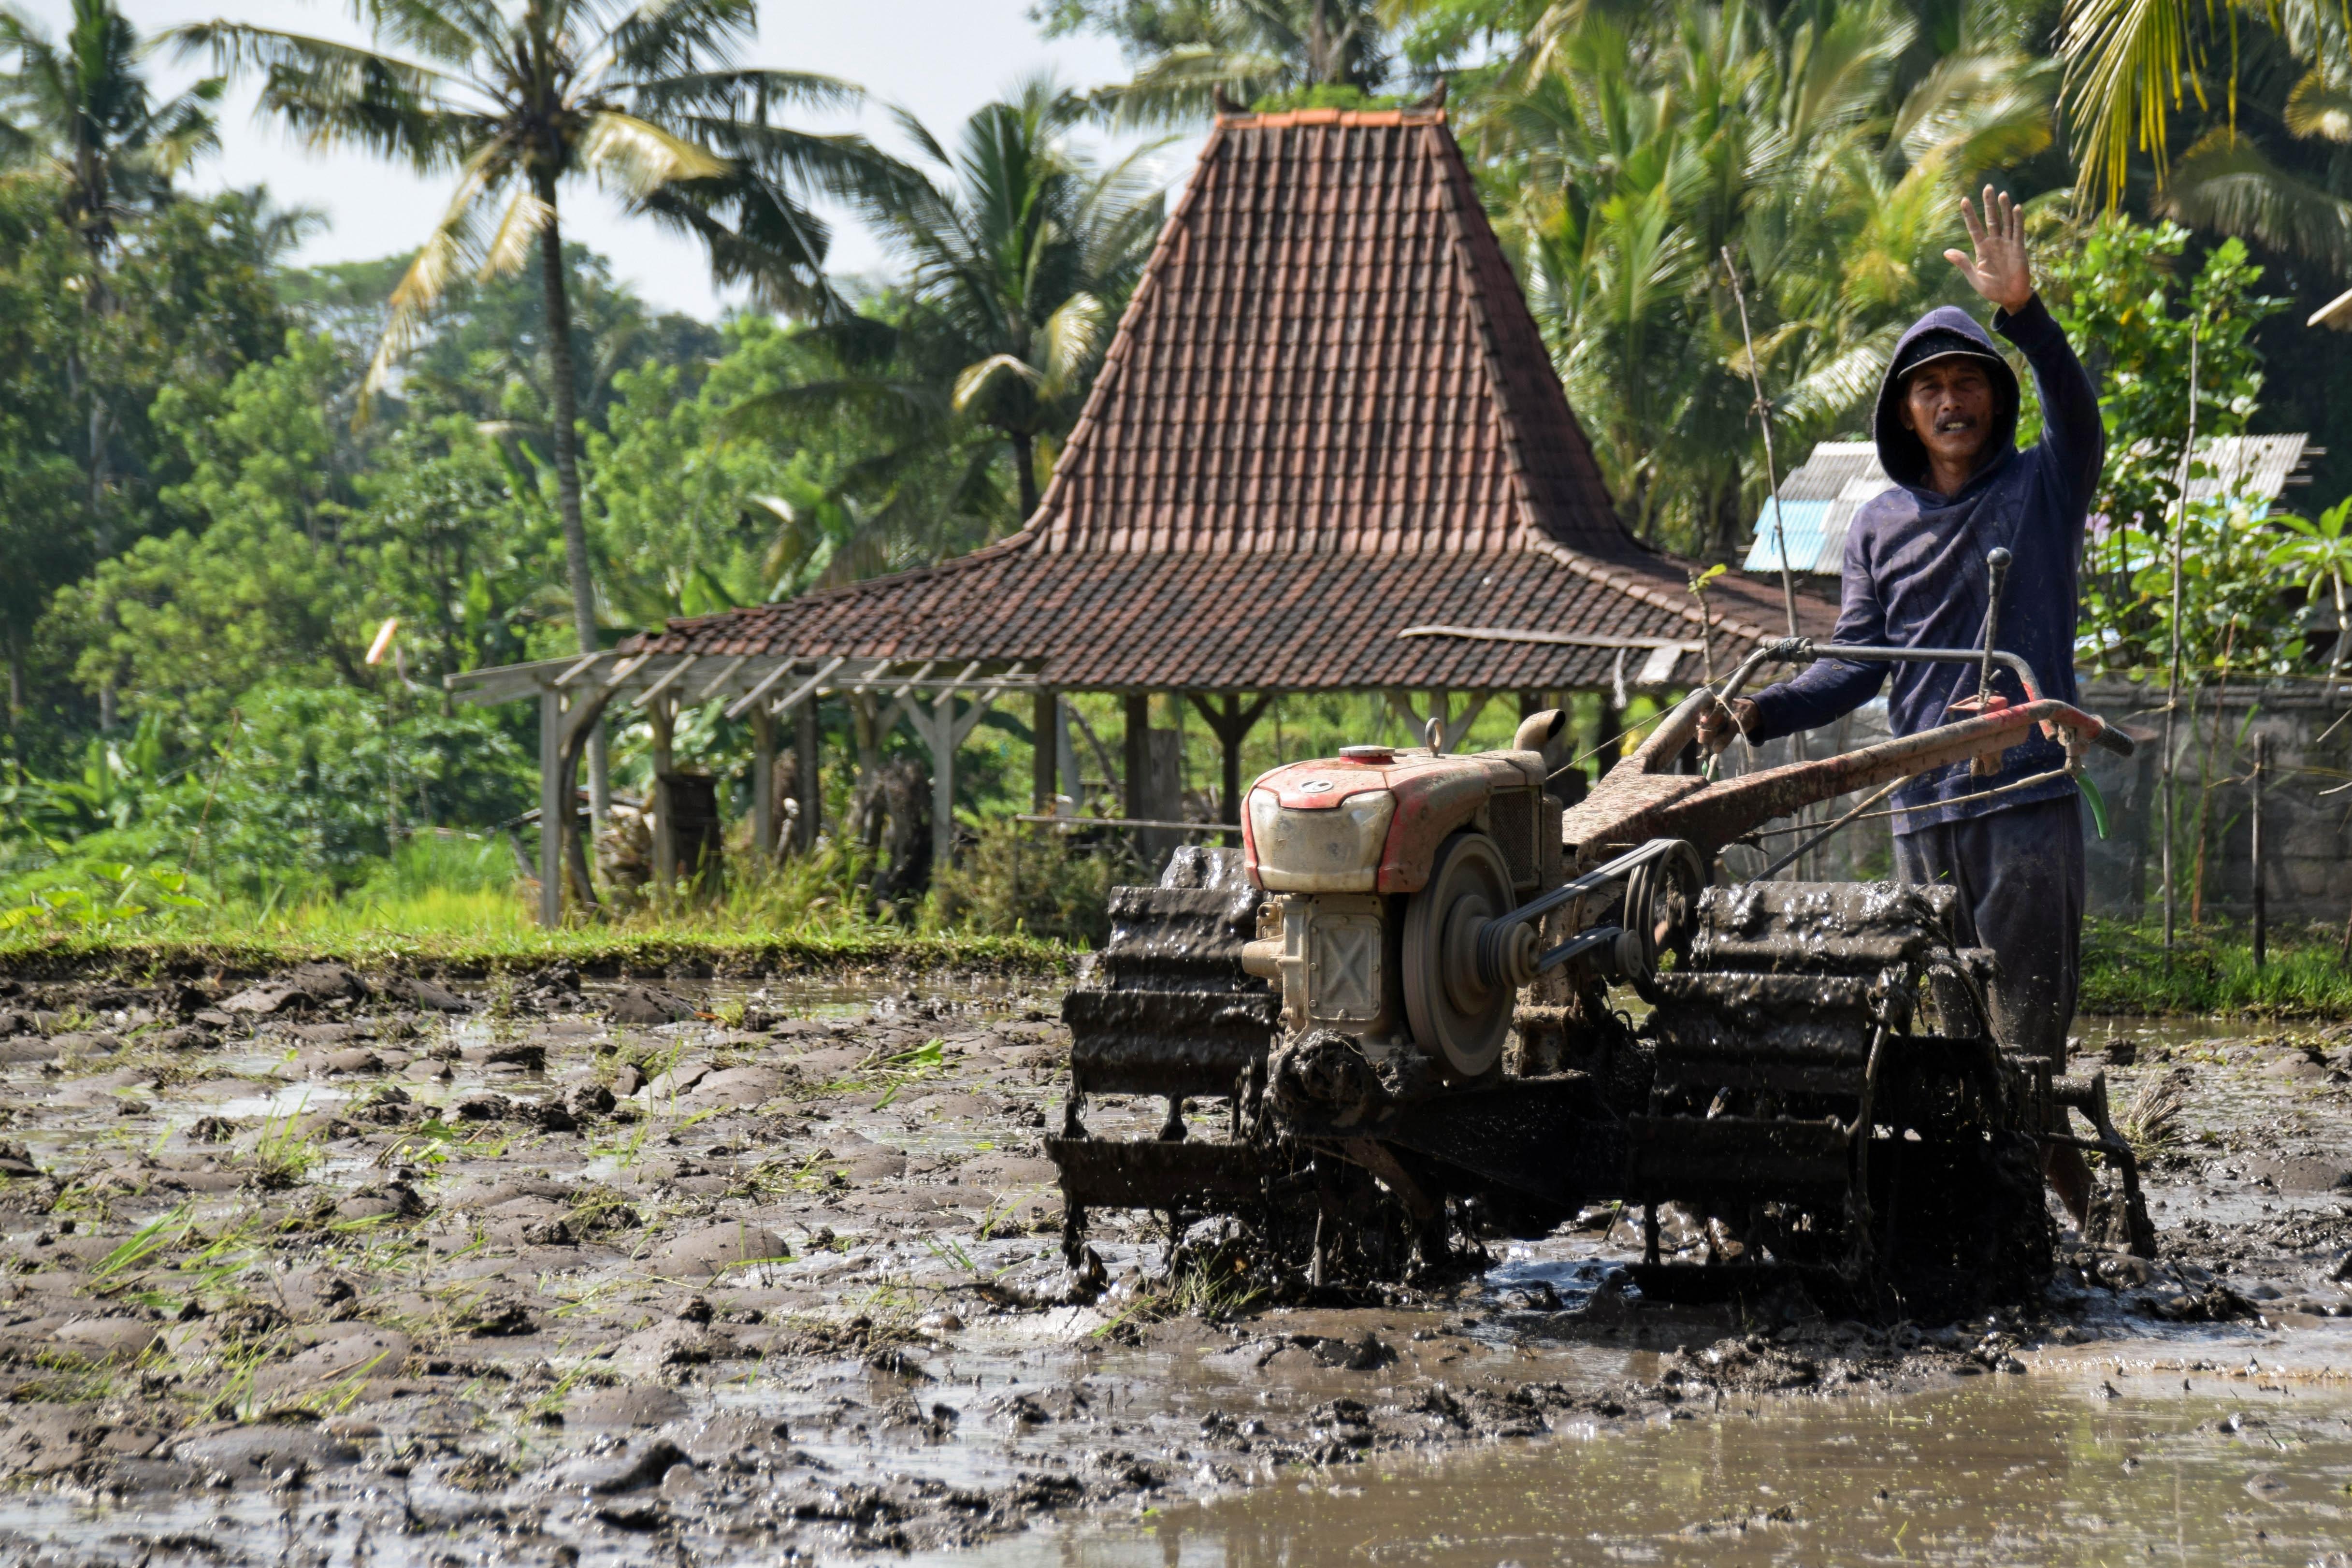 Gambar Jalur Tanah Pertanian Kendaraan Nasi Indonesia Bajak